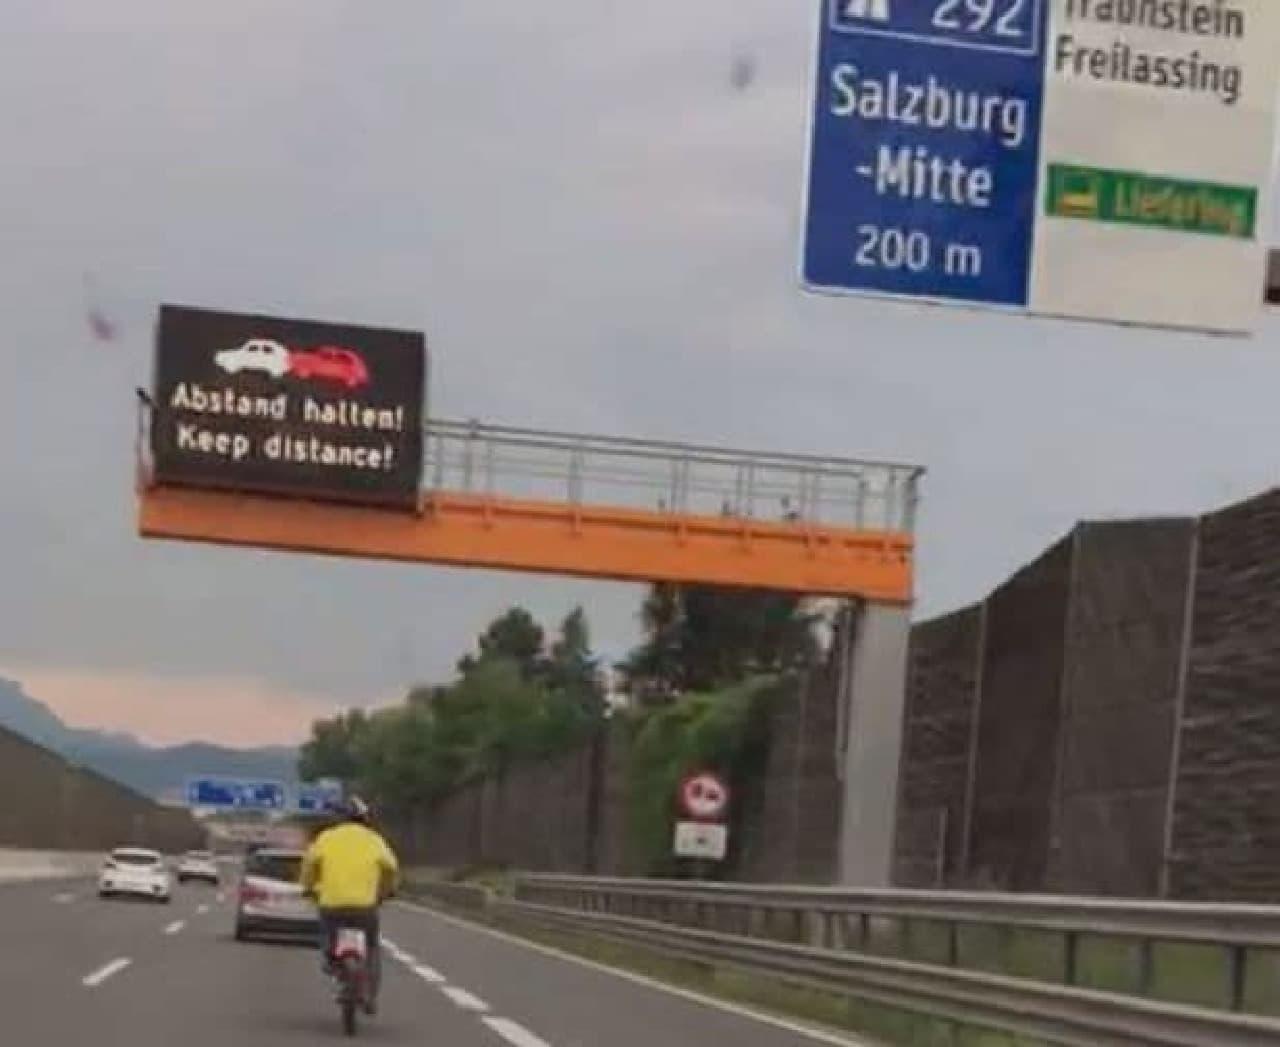 欧州のSNSで話題となった高速道路を走行する「黄色い服を着た自転車乗り」